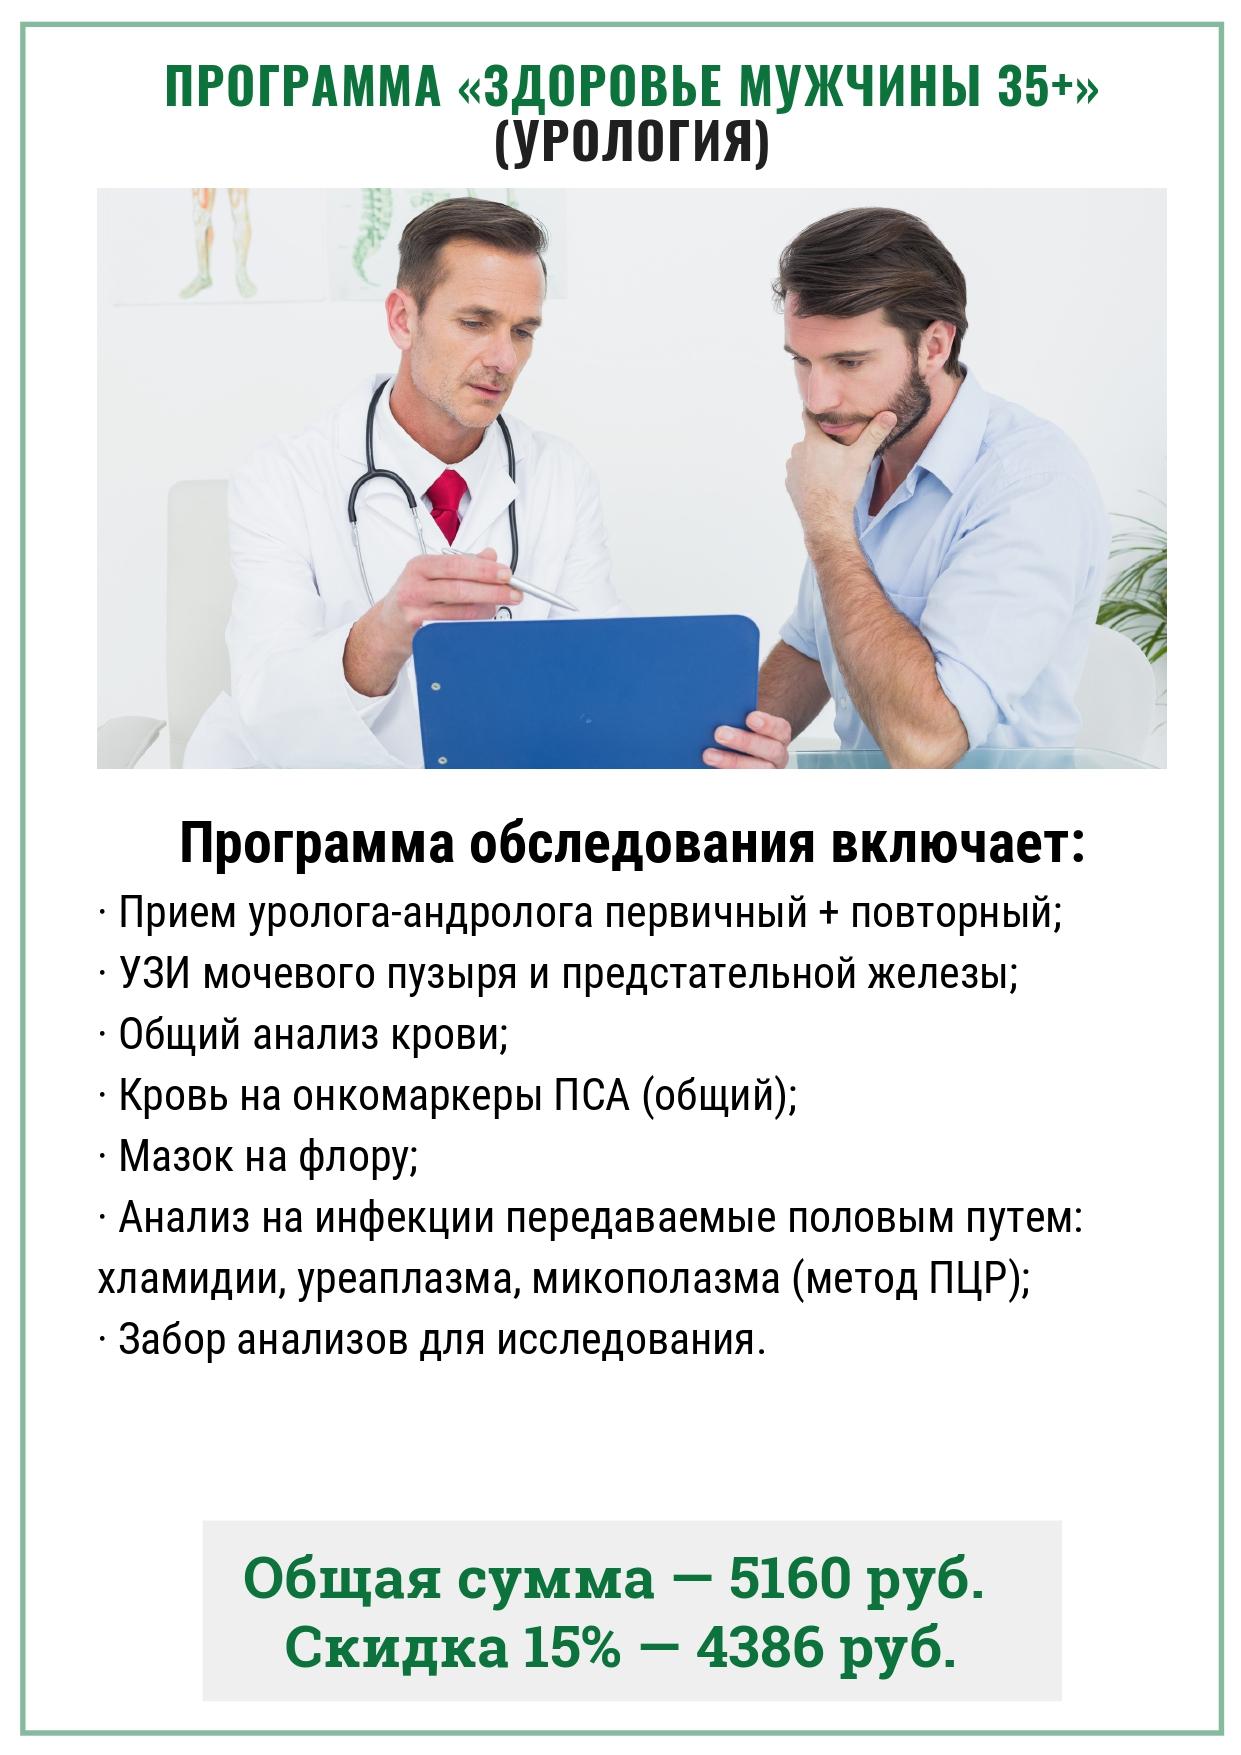 Здоровье мужчины